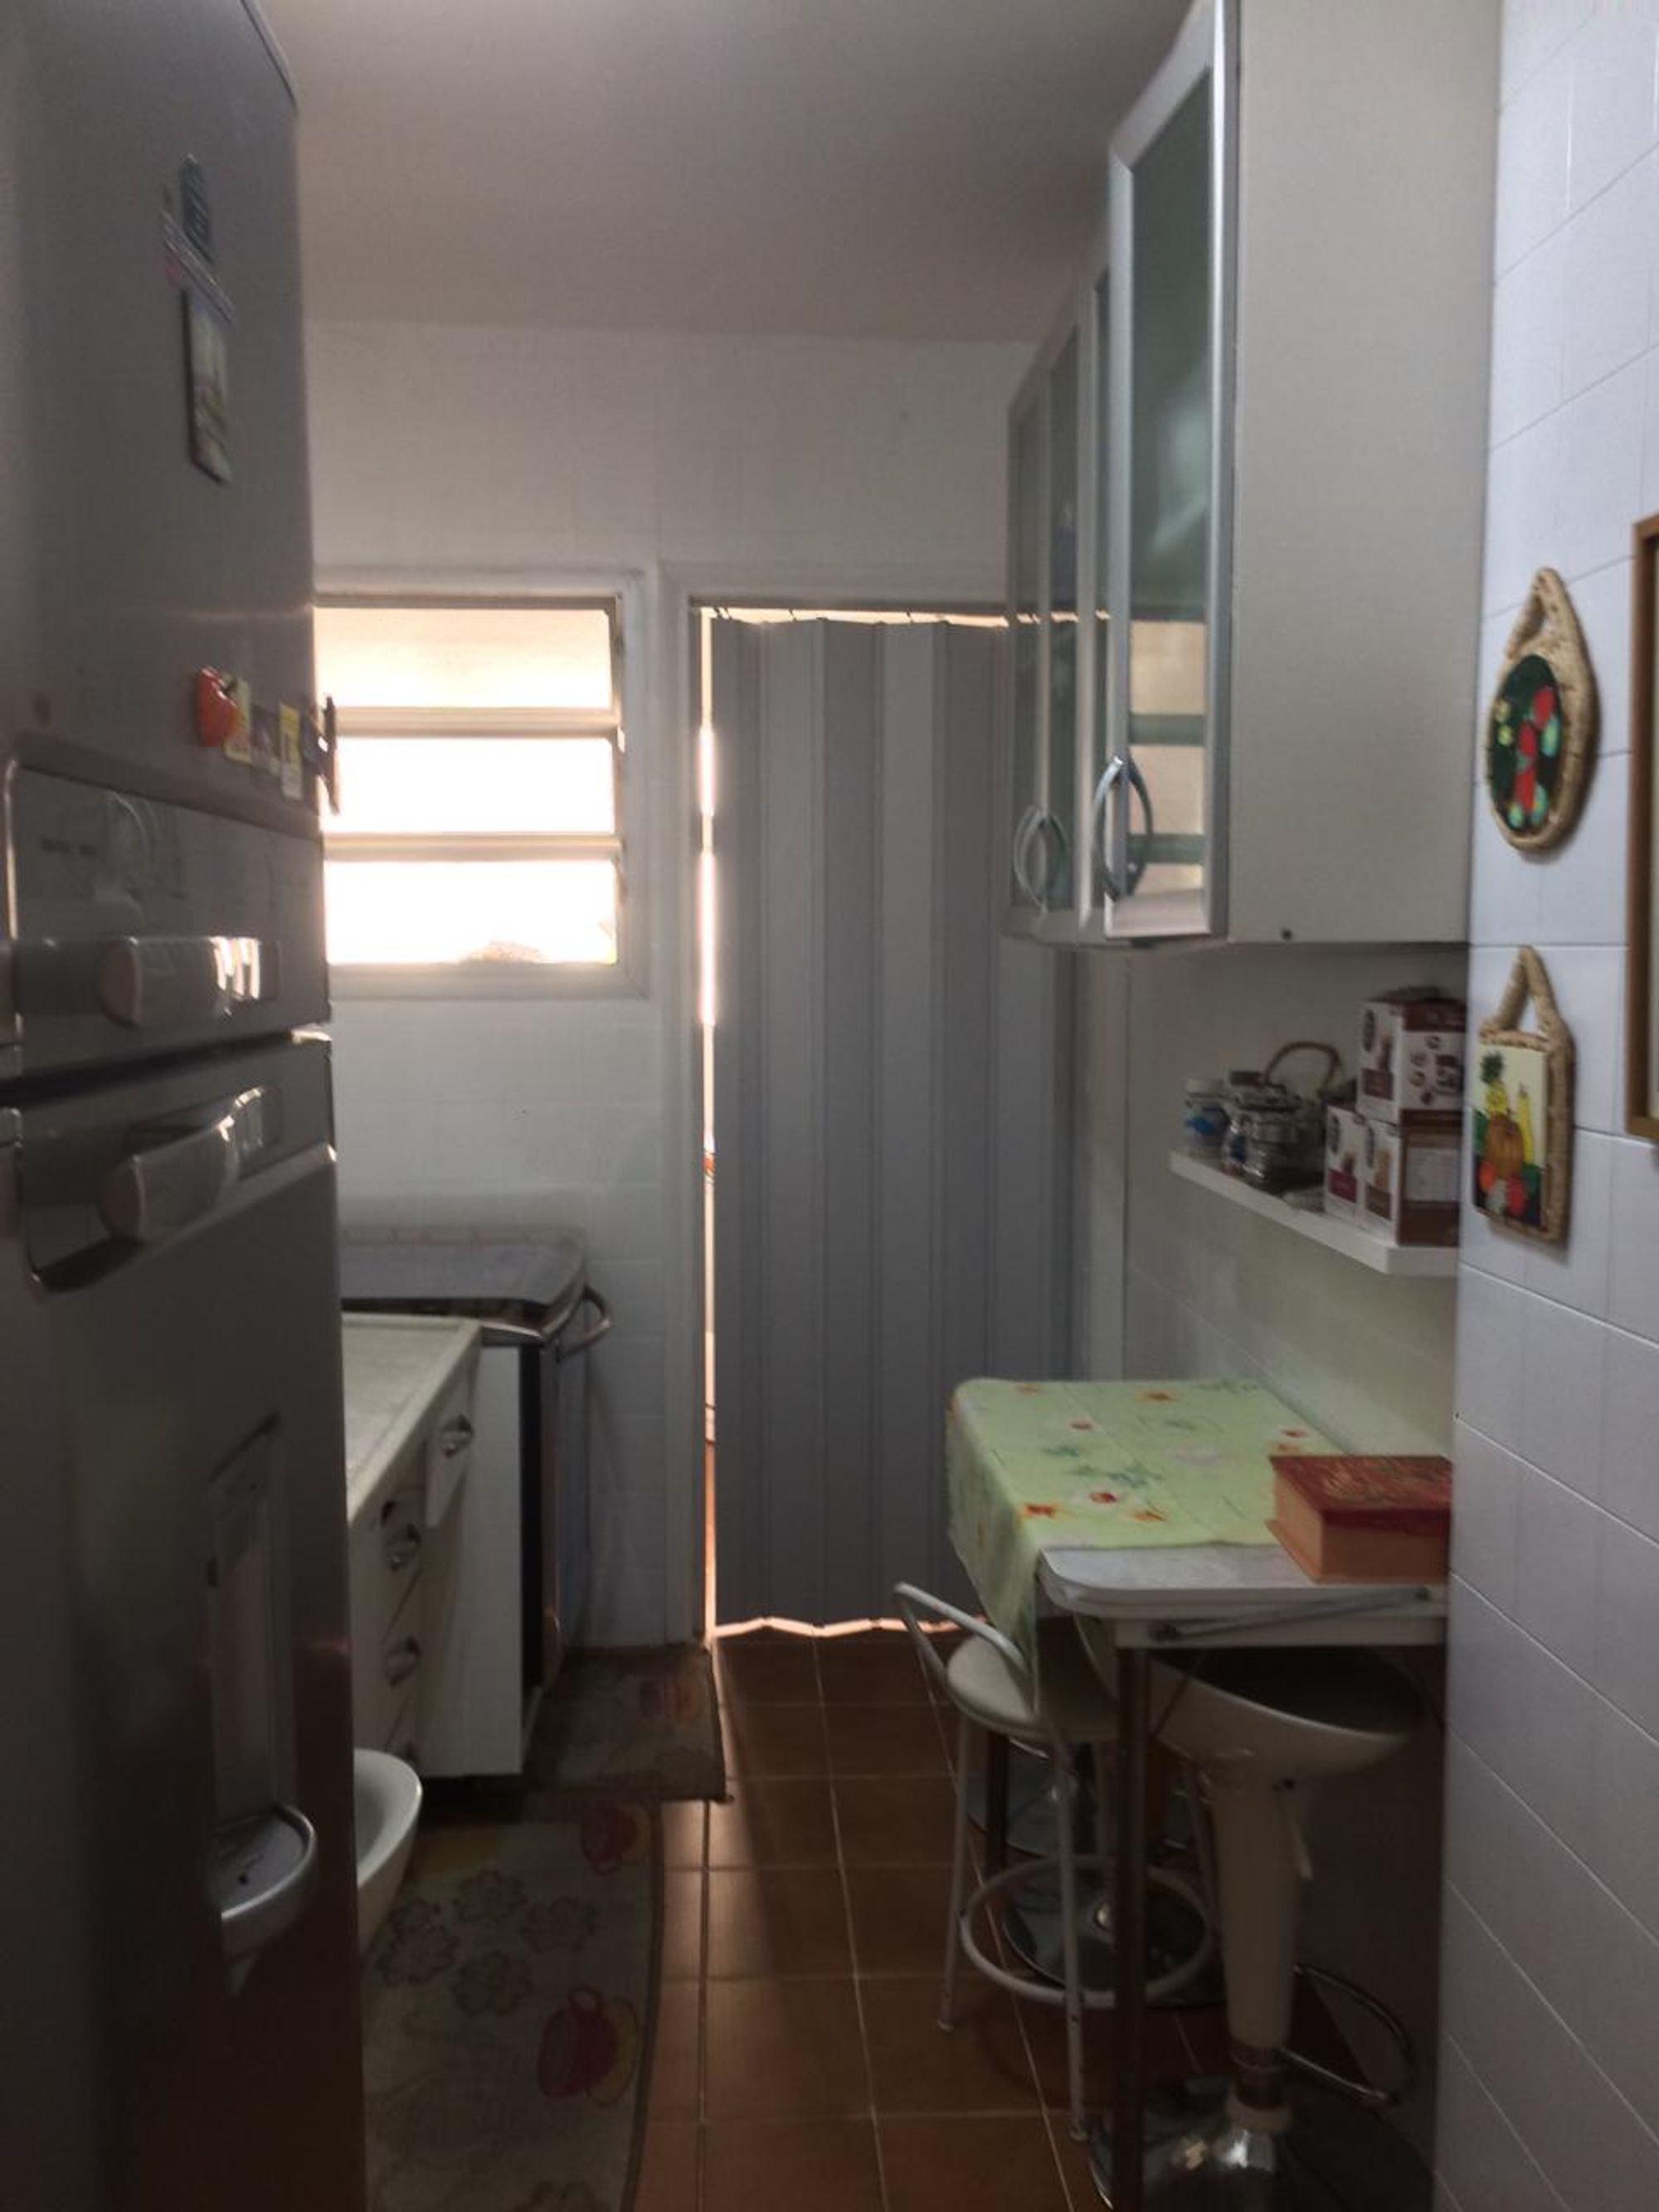 Foto de Cozinha com vaso sanitário, cadeira